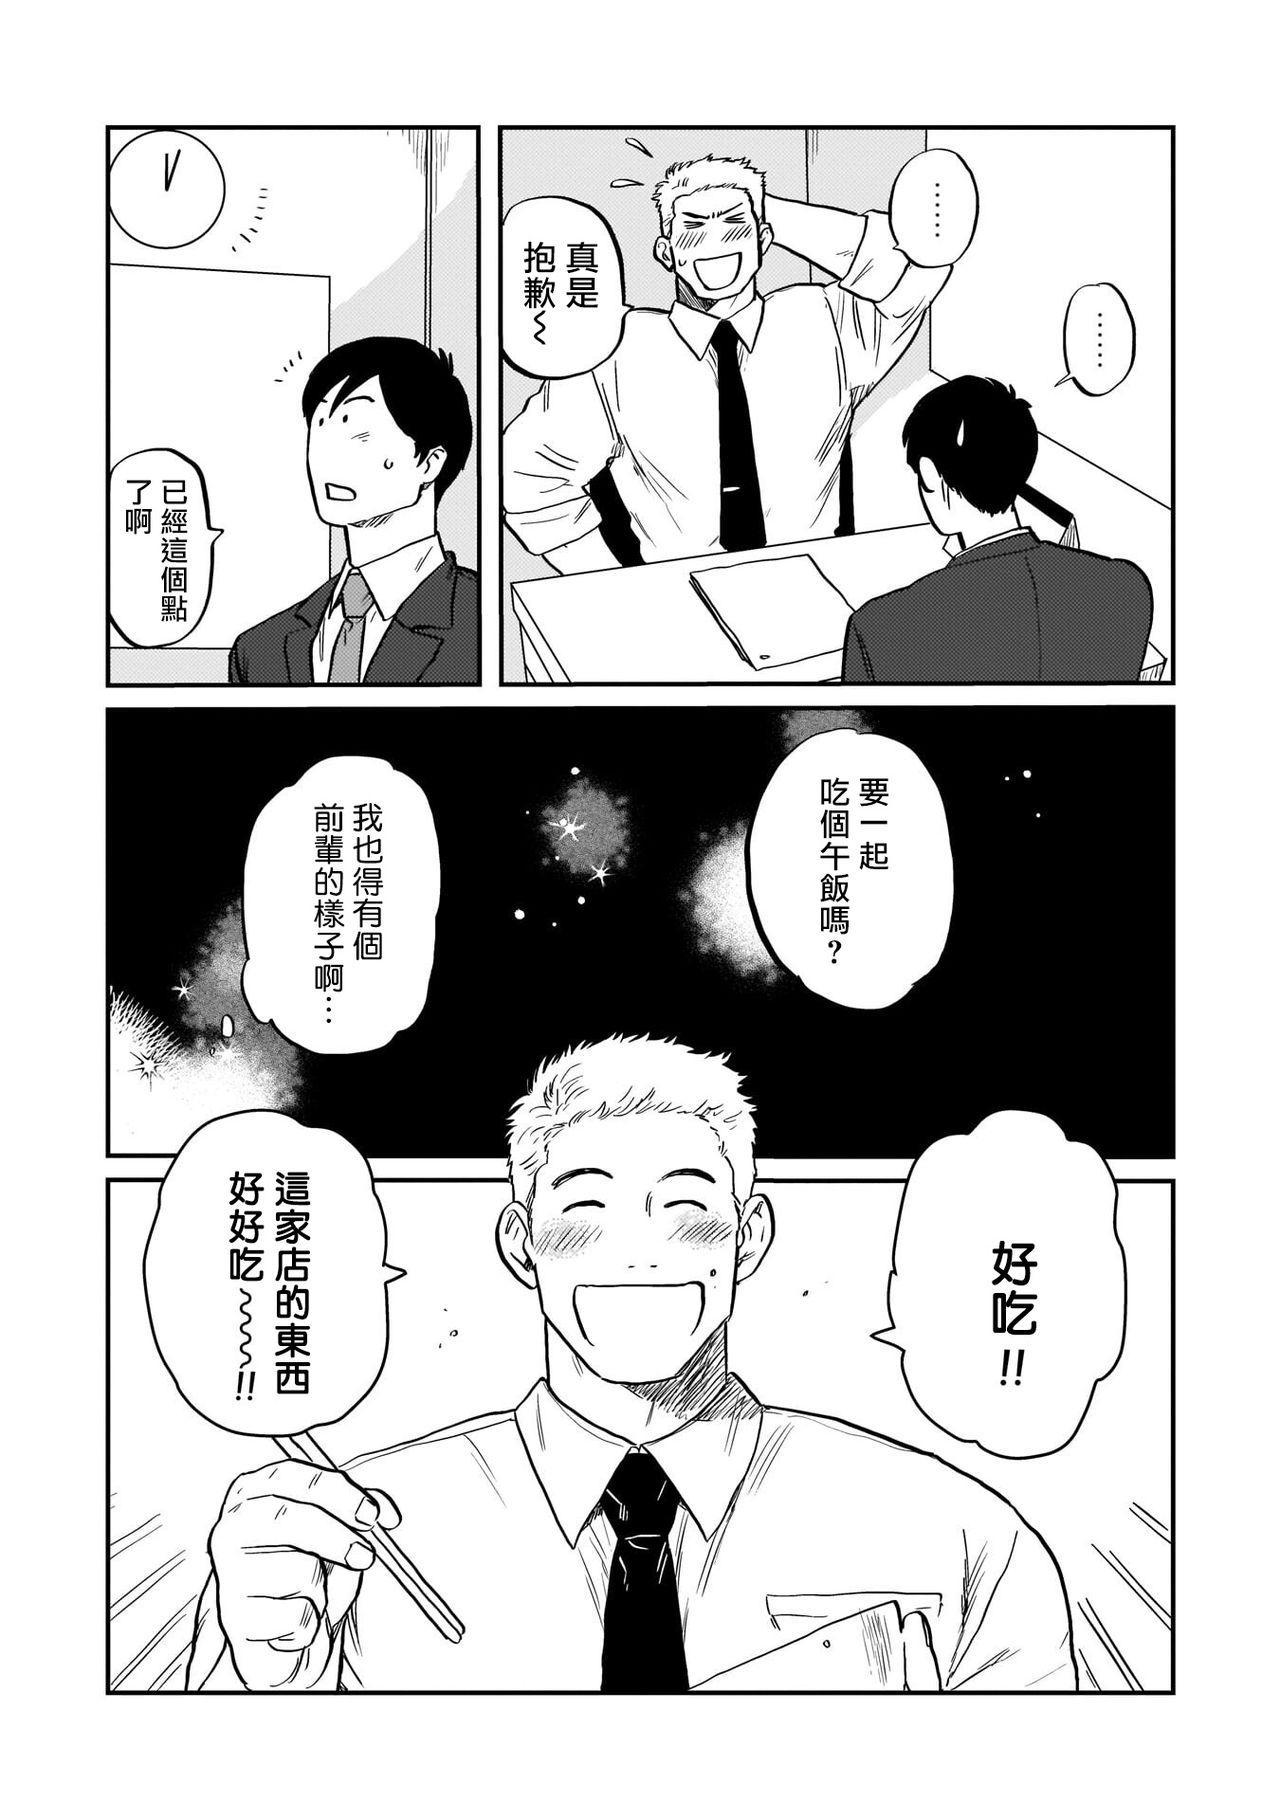 Kouhai no Oppai ga Suki Sugiru | 我太喜欢后辈的奶子了 Ch. 1-2 15